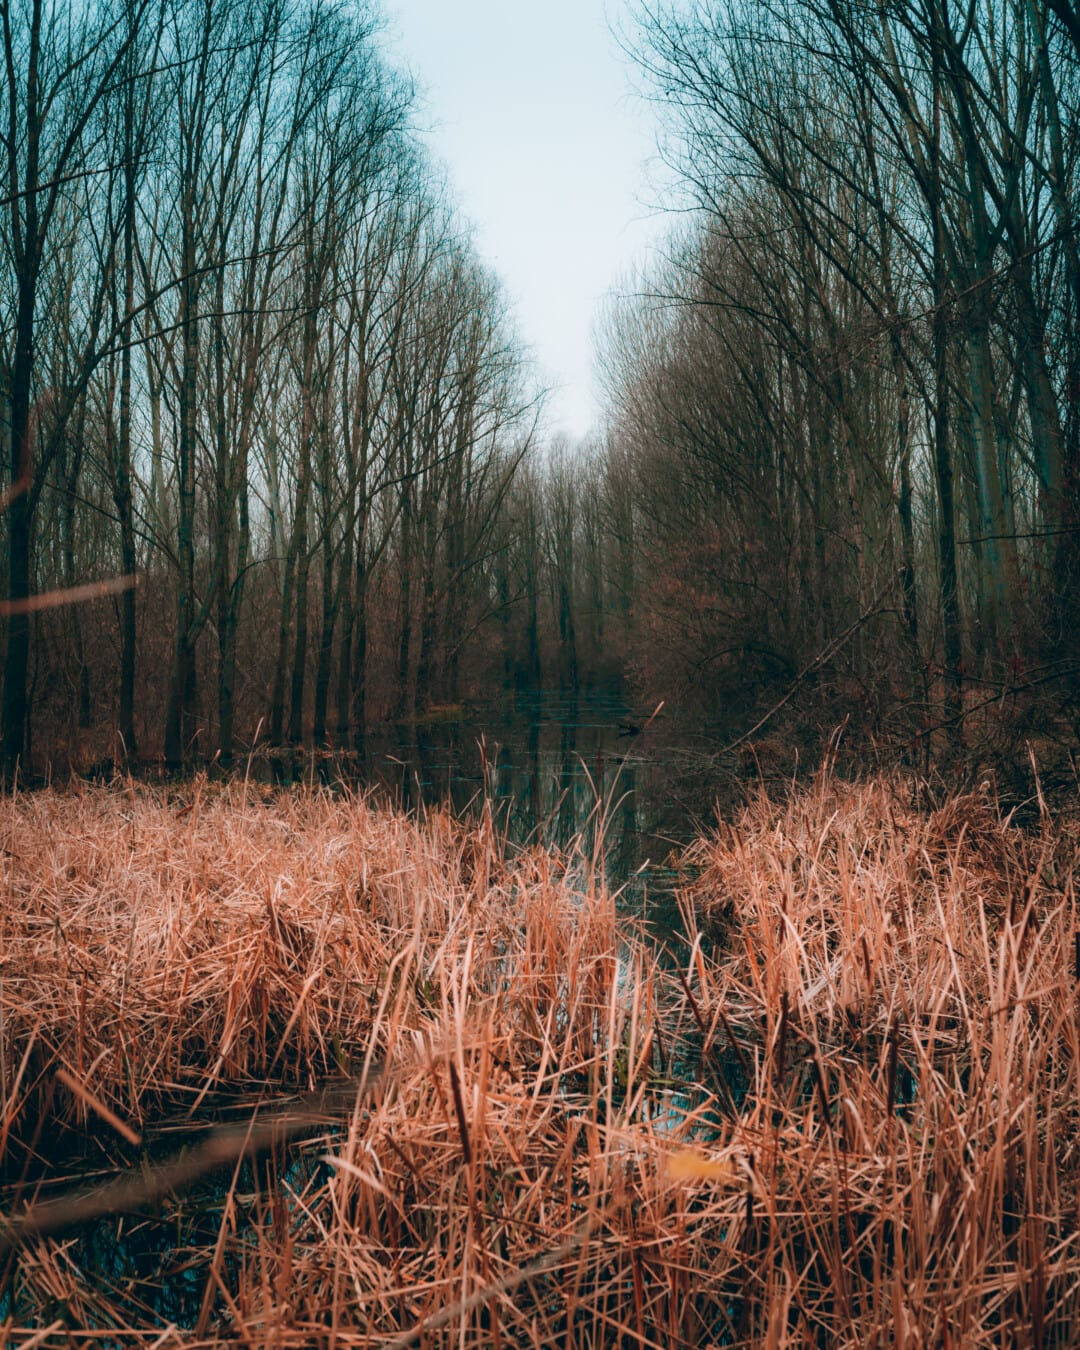 Fluss, Marschland, Wald, Herbstsaison, Herbst, Natur, Landschaft, Holz, Dämmerung, Struktur